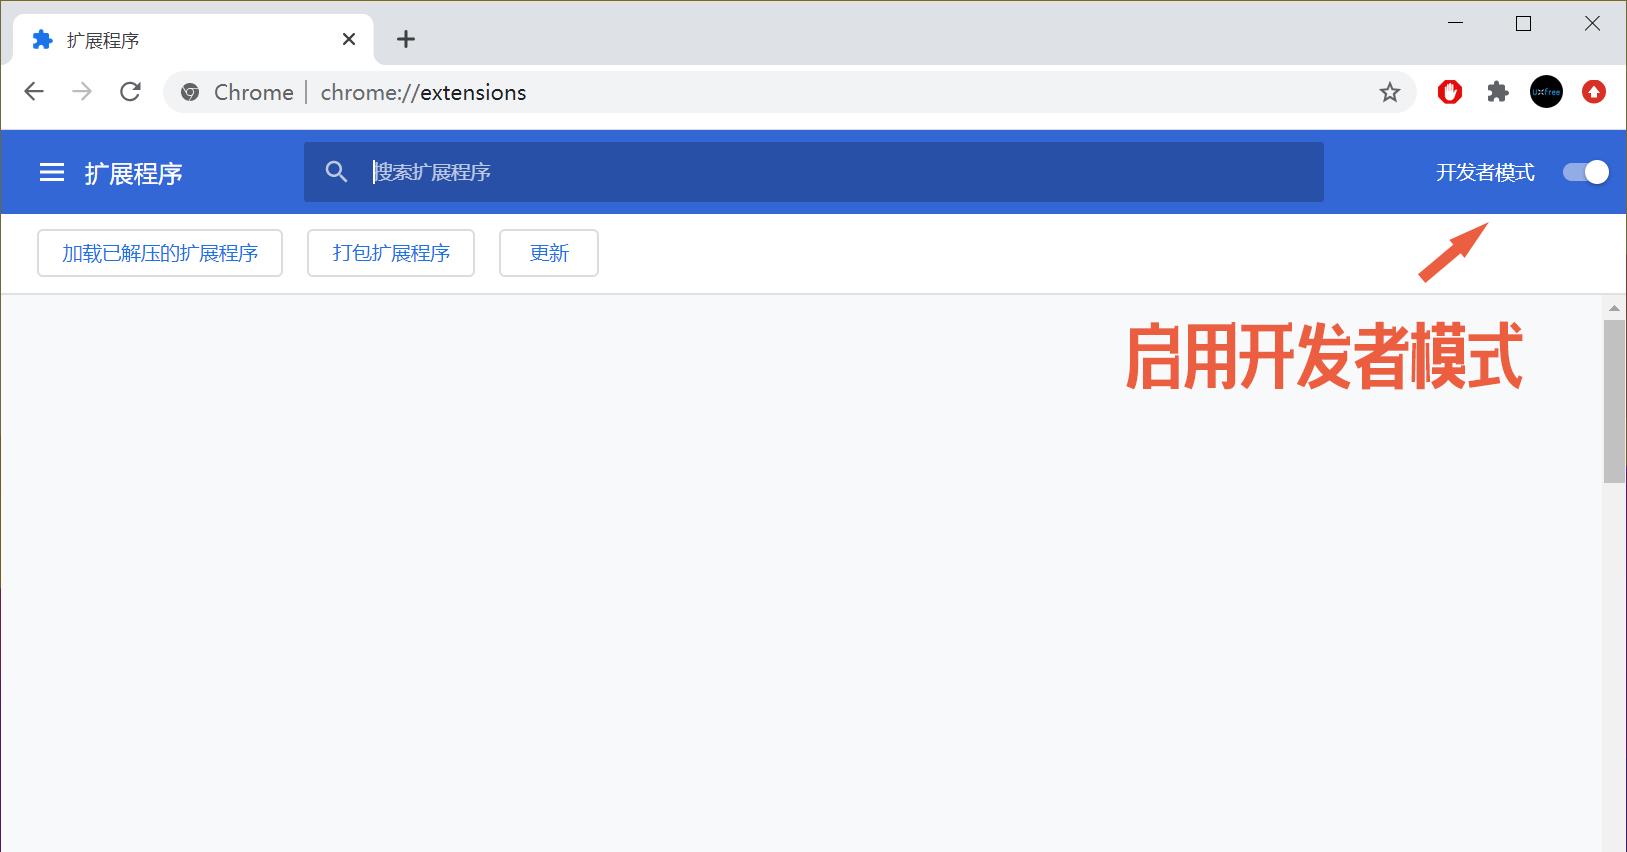 Chrome扩展列表